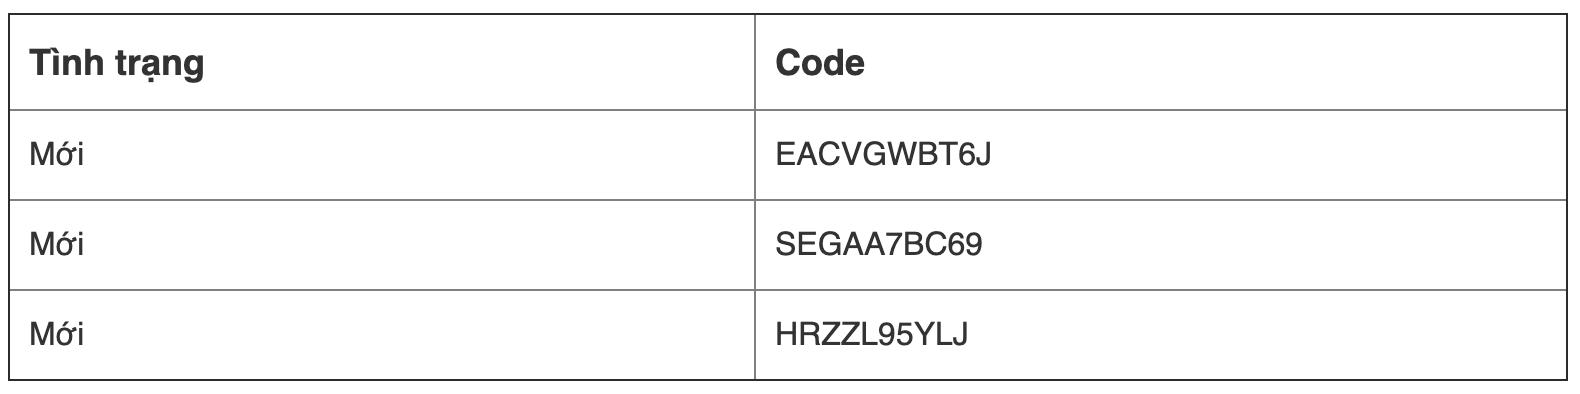 Code Lumia Saga Chiến Binh Ánh Sáng mới nhất | LDPlayer Hướng dẫn nhập code